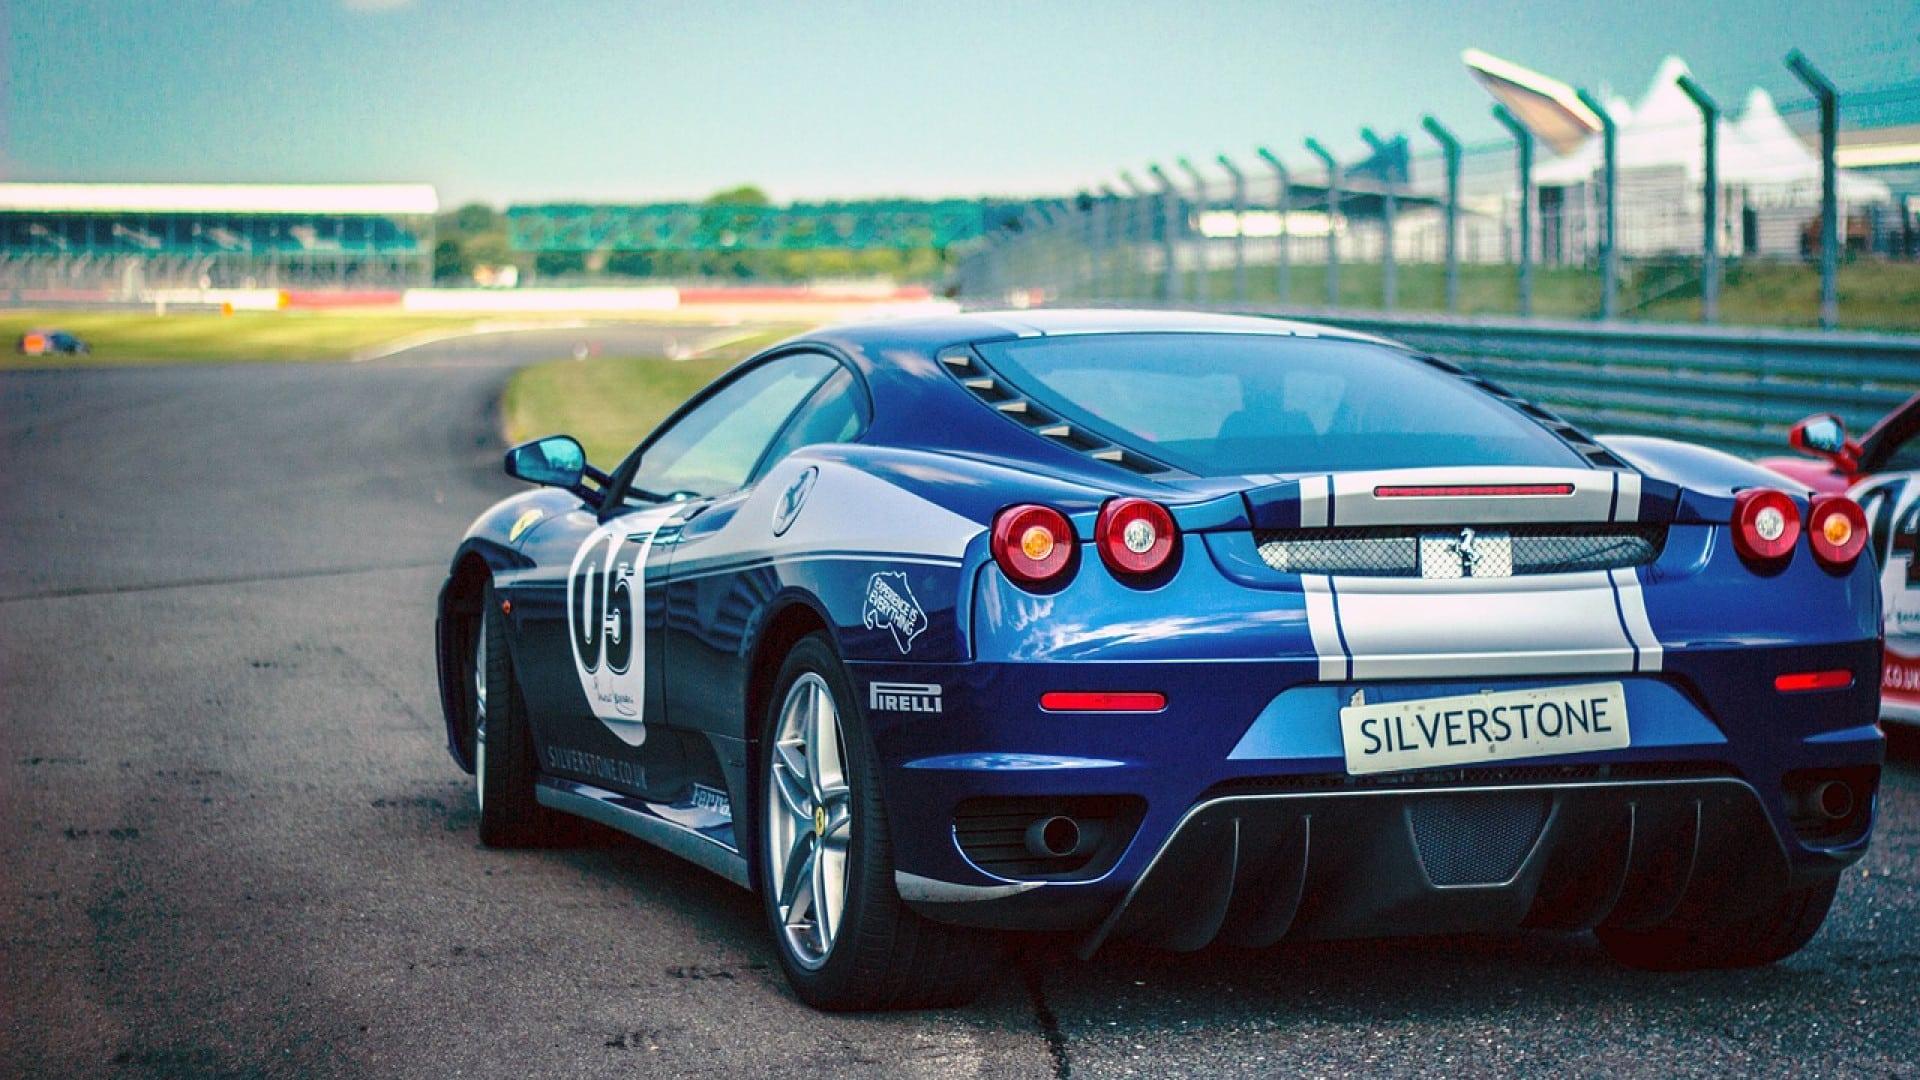 Les voitures hybrides ont le vent en poupe en 2021